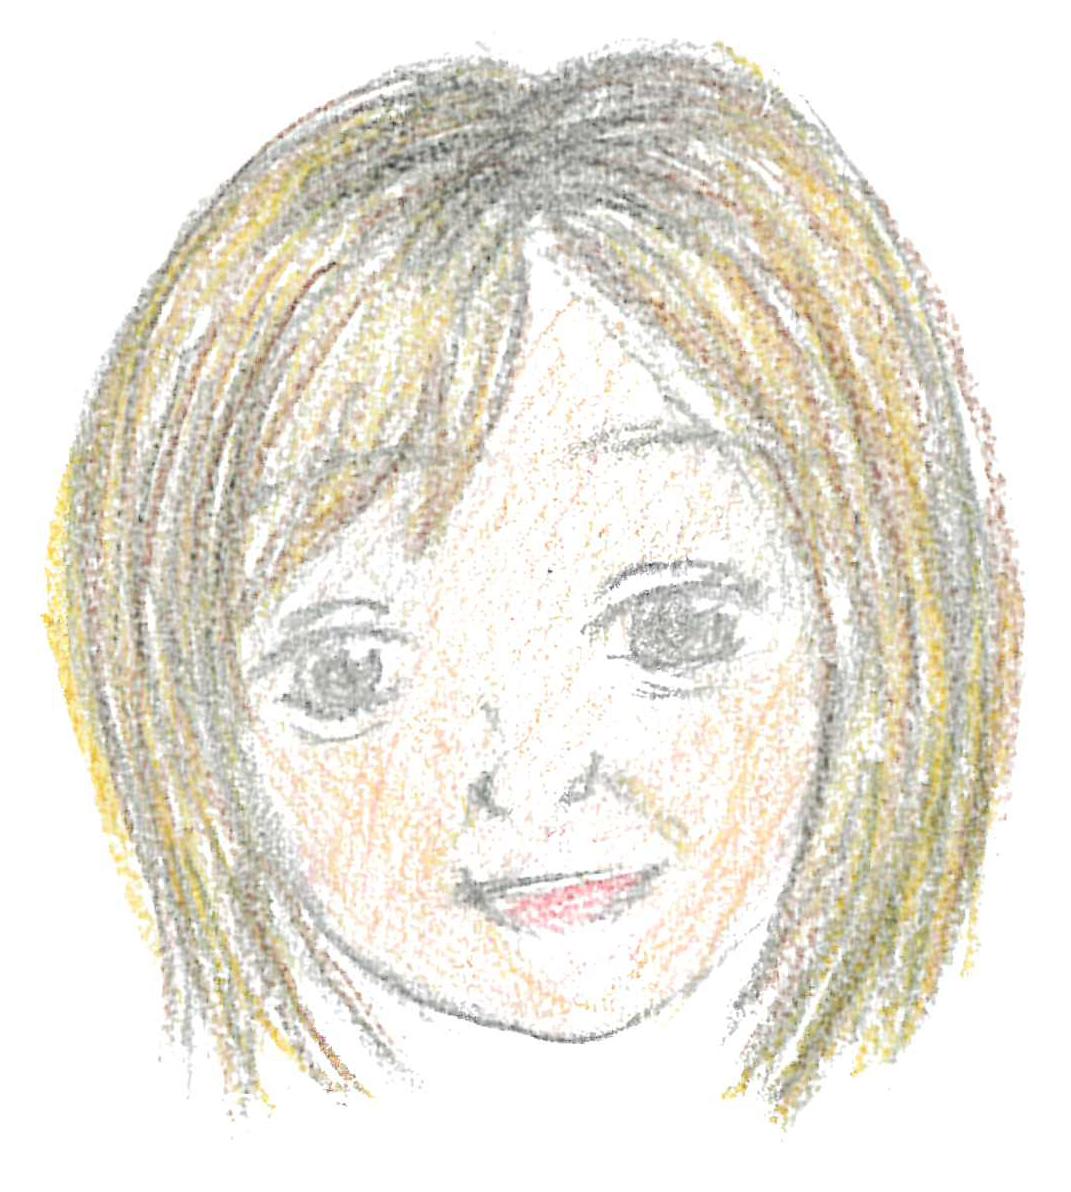 苑田梓緒里(そのだしおり)